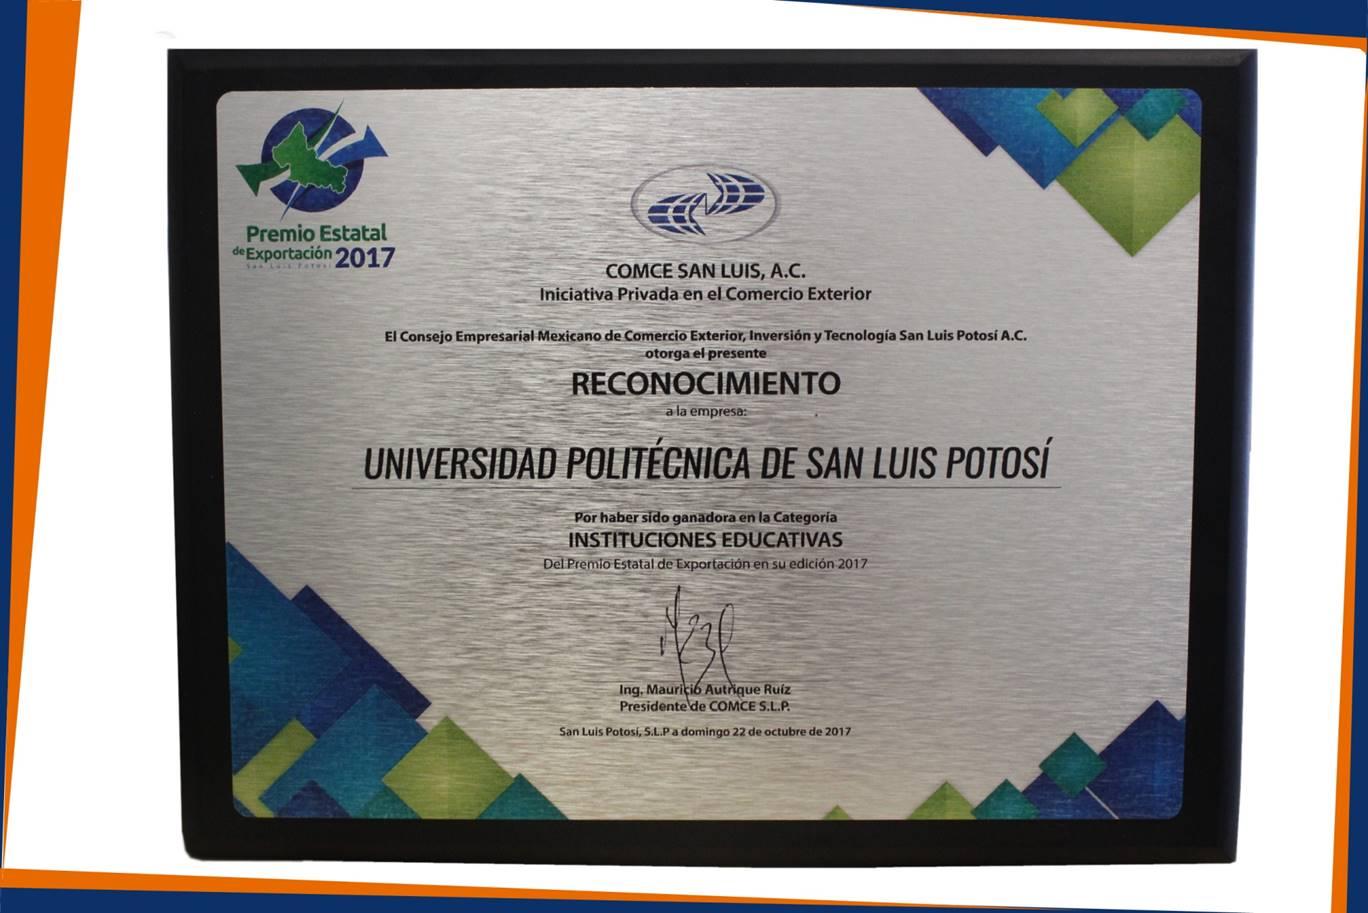 22-oct-Premio-Estatal-de-Exportacion-2017-5